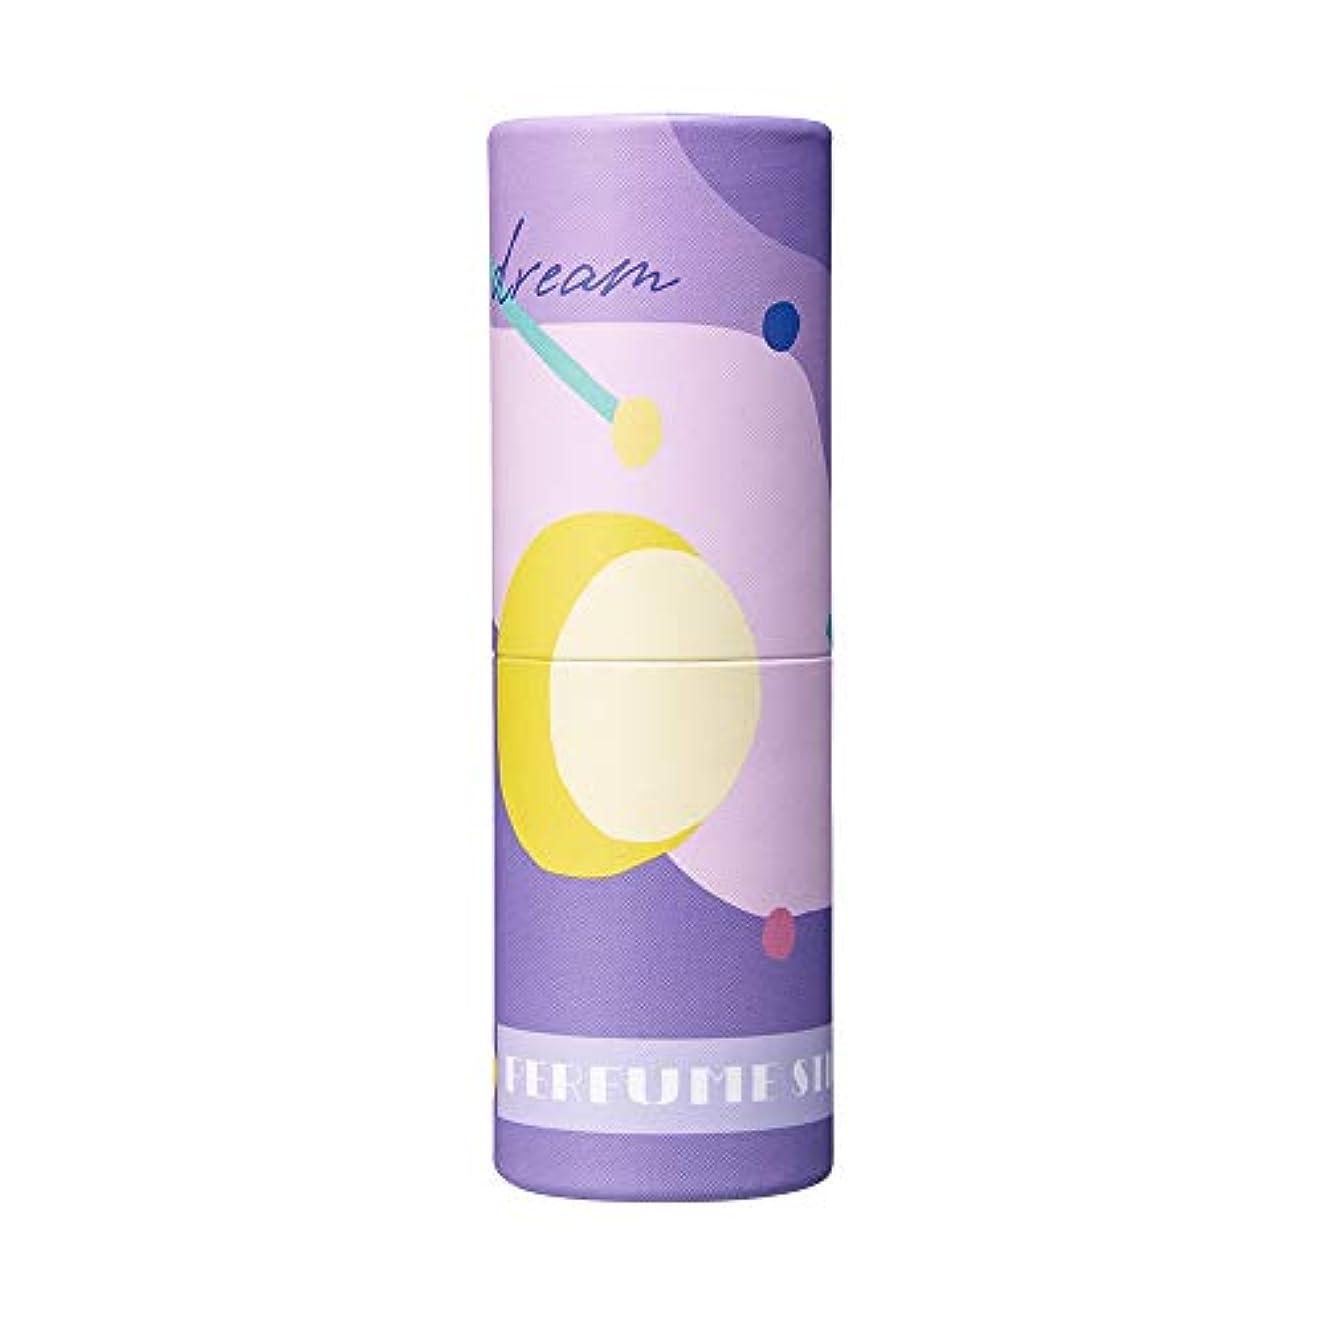 またマニフェストシャッフルパフュームスティック ドリーム ペア&ピーチの香り オリジナルデザイン 5g